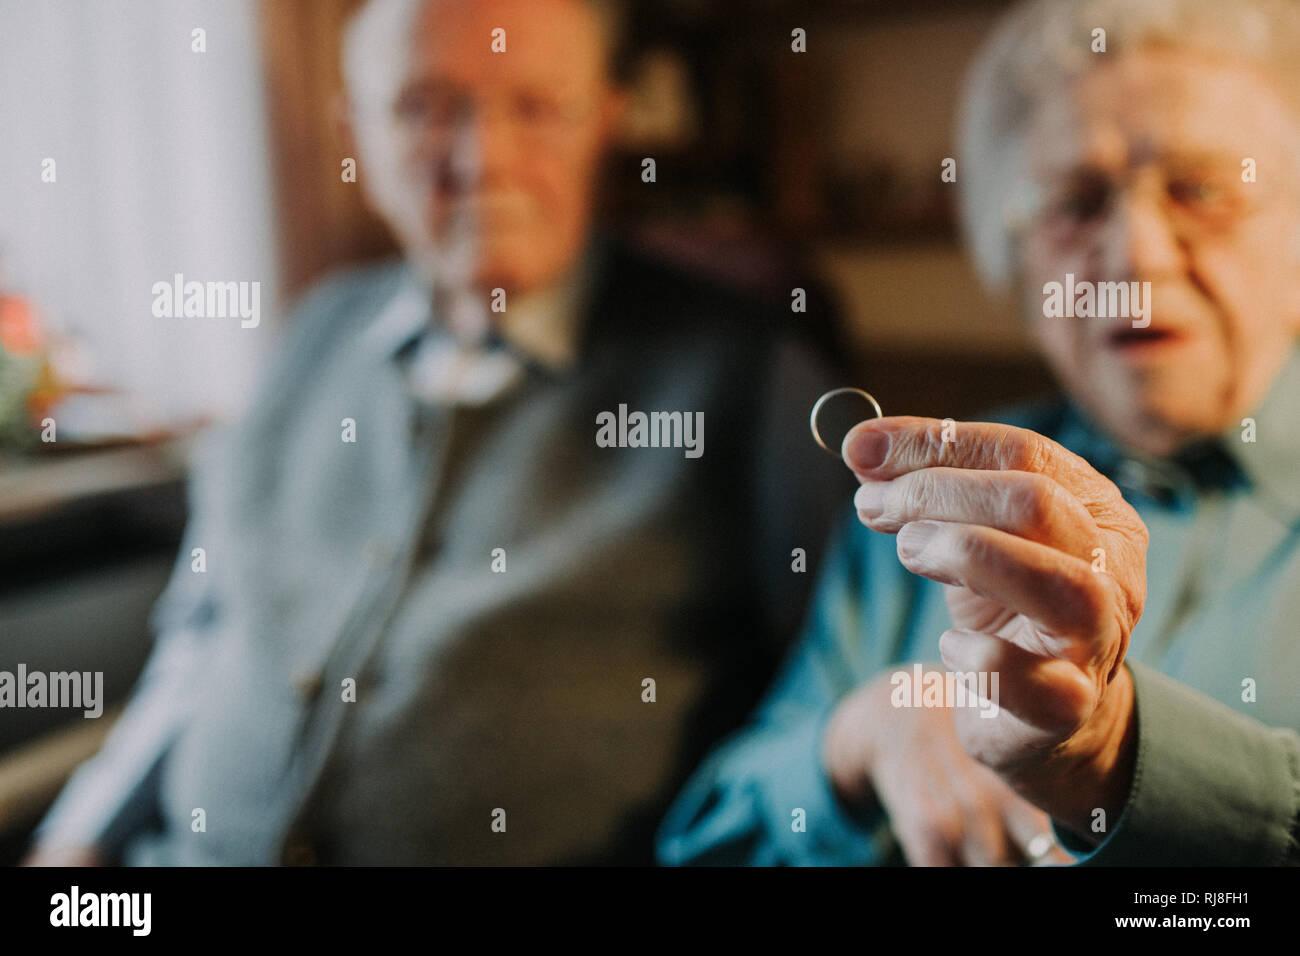 Seniorenpaar, Frau hält Ehering in die Kamera - Stock Image